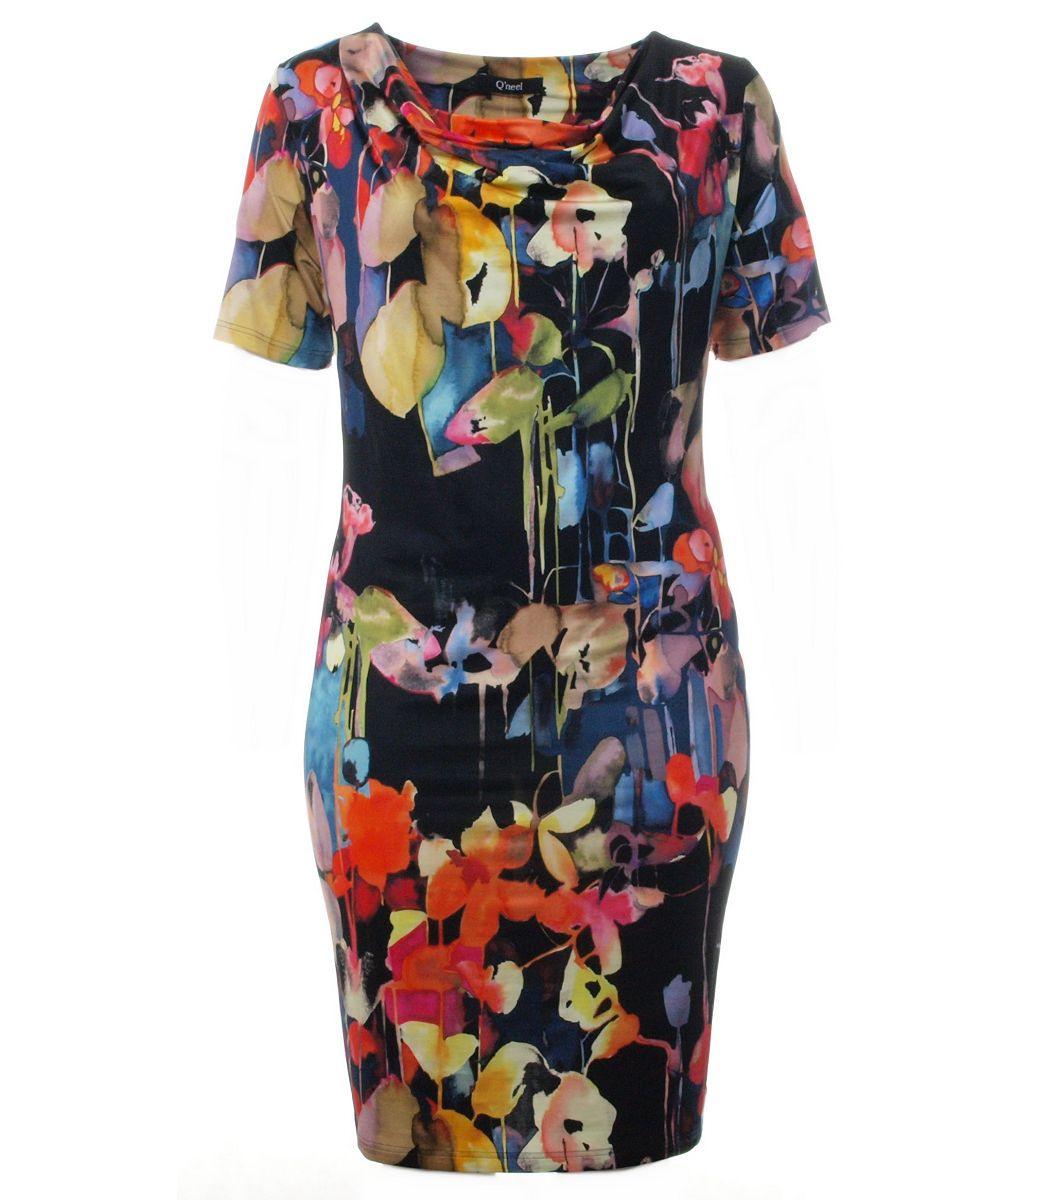 15 Einfach Schwarzes Kleid Größe 50 Design Coolste Schwarzes Kleid Größe 50 Galerie